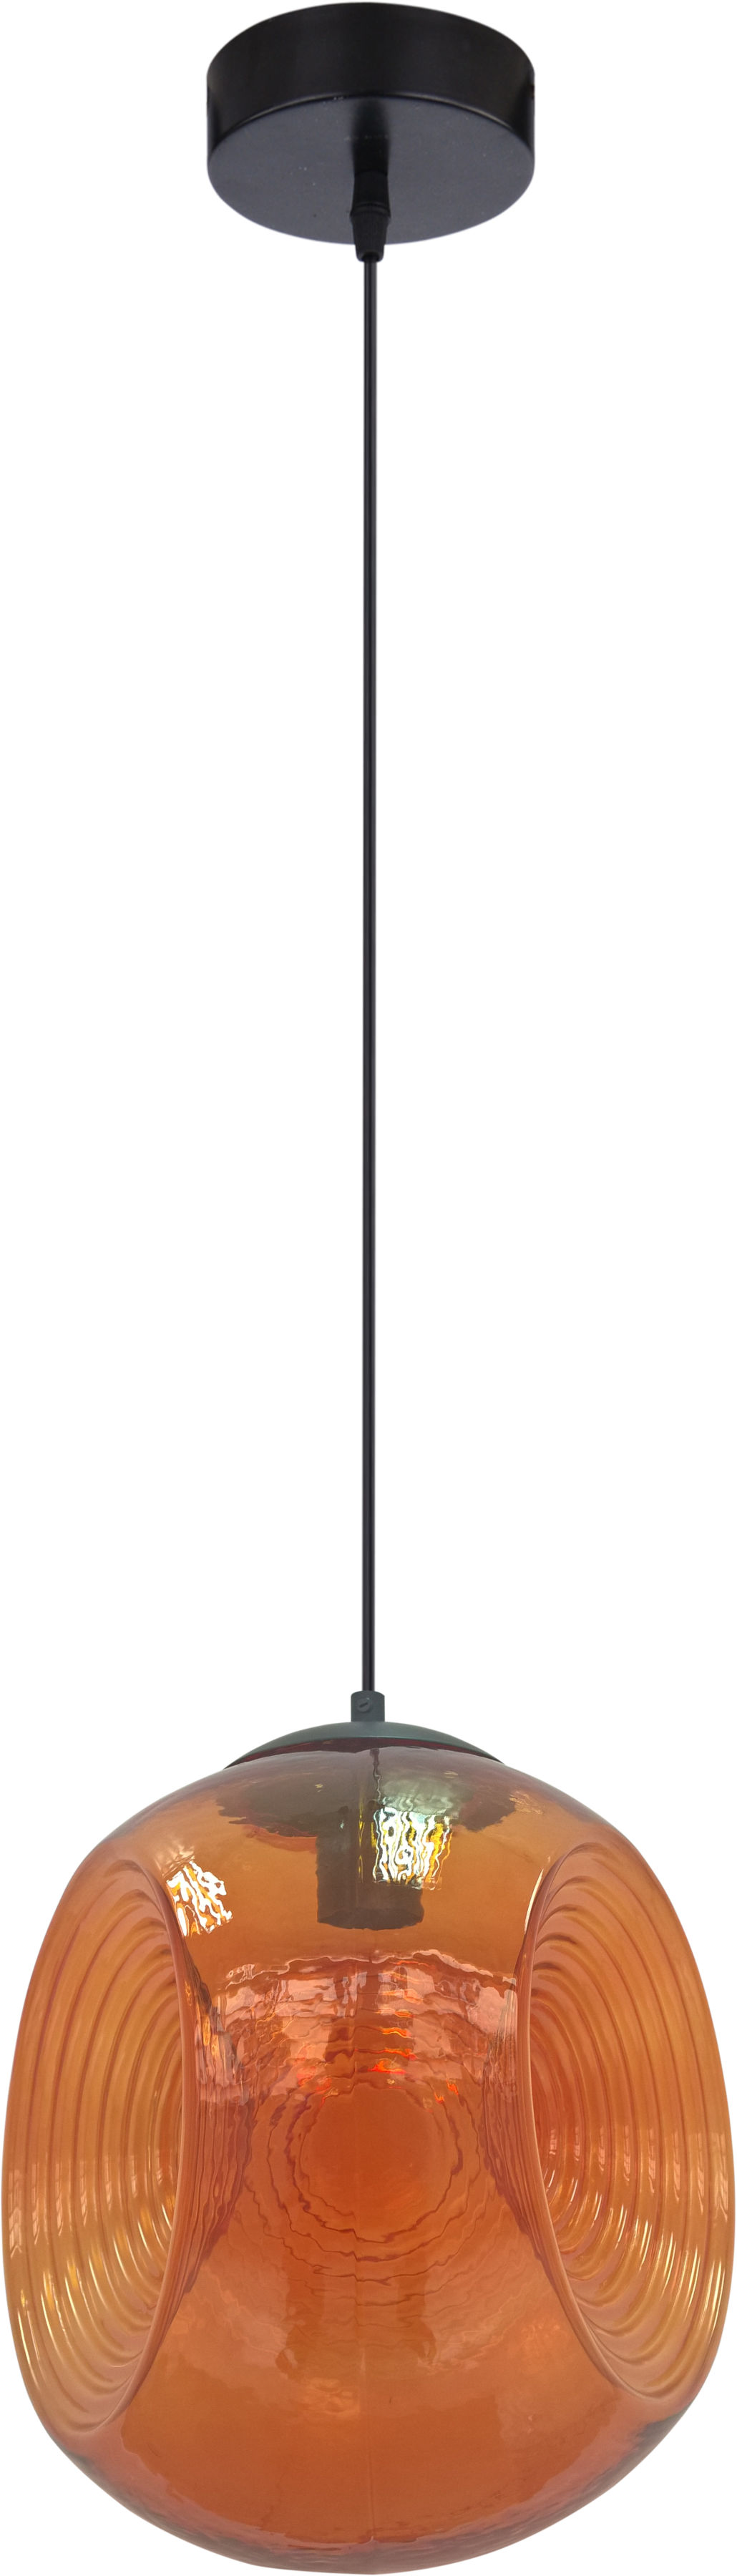 Candellux CLUB 31-51233 lampa wisząca klosz szklany pomarańczowy 1X60W E27 28 cm